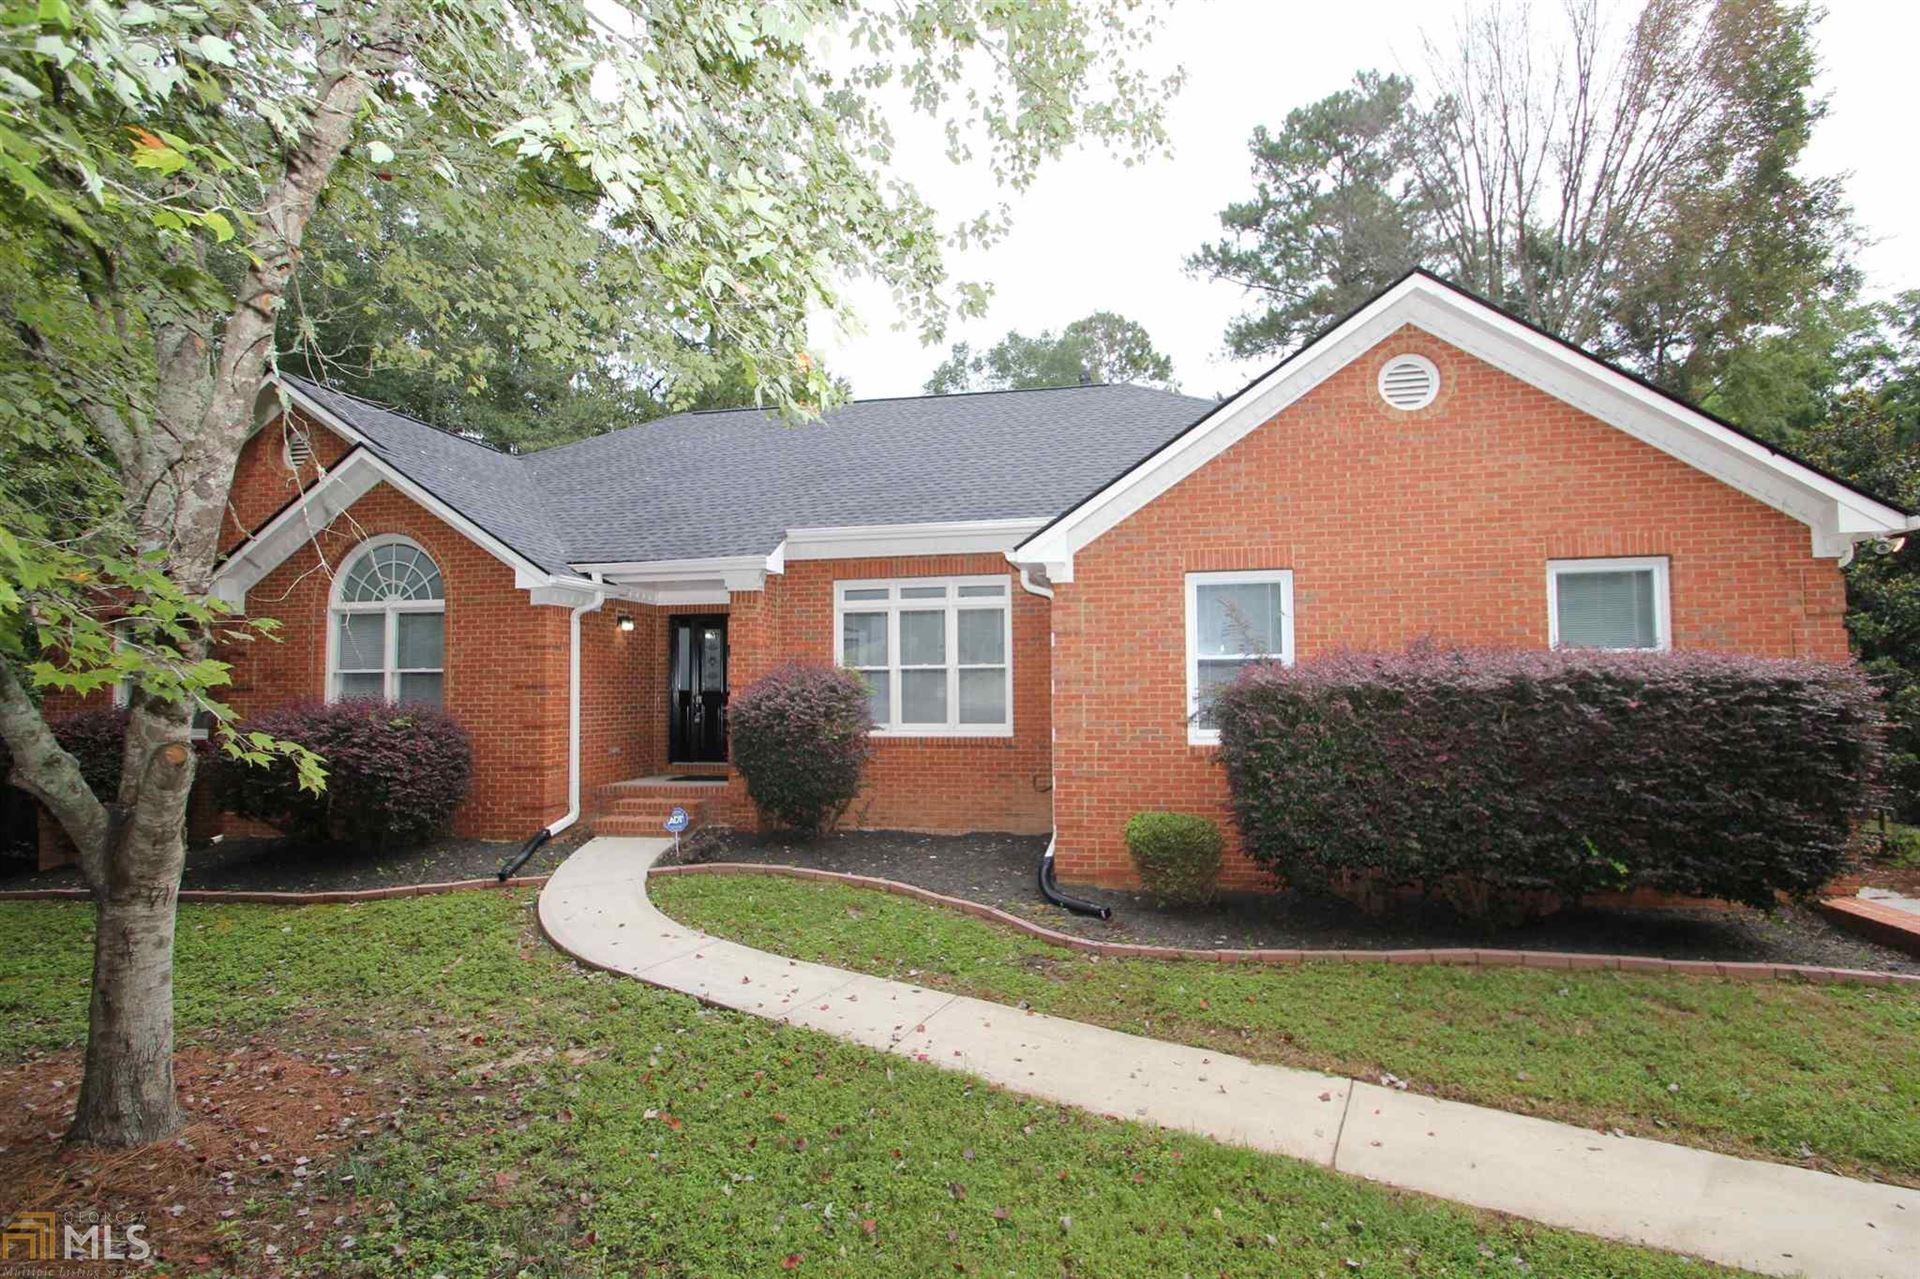 4331 Horder Ct, Snellville, GA 30039 - MLS#: 8863302